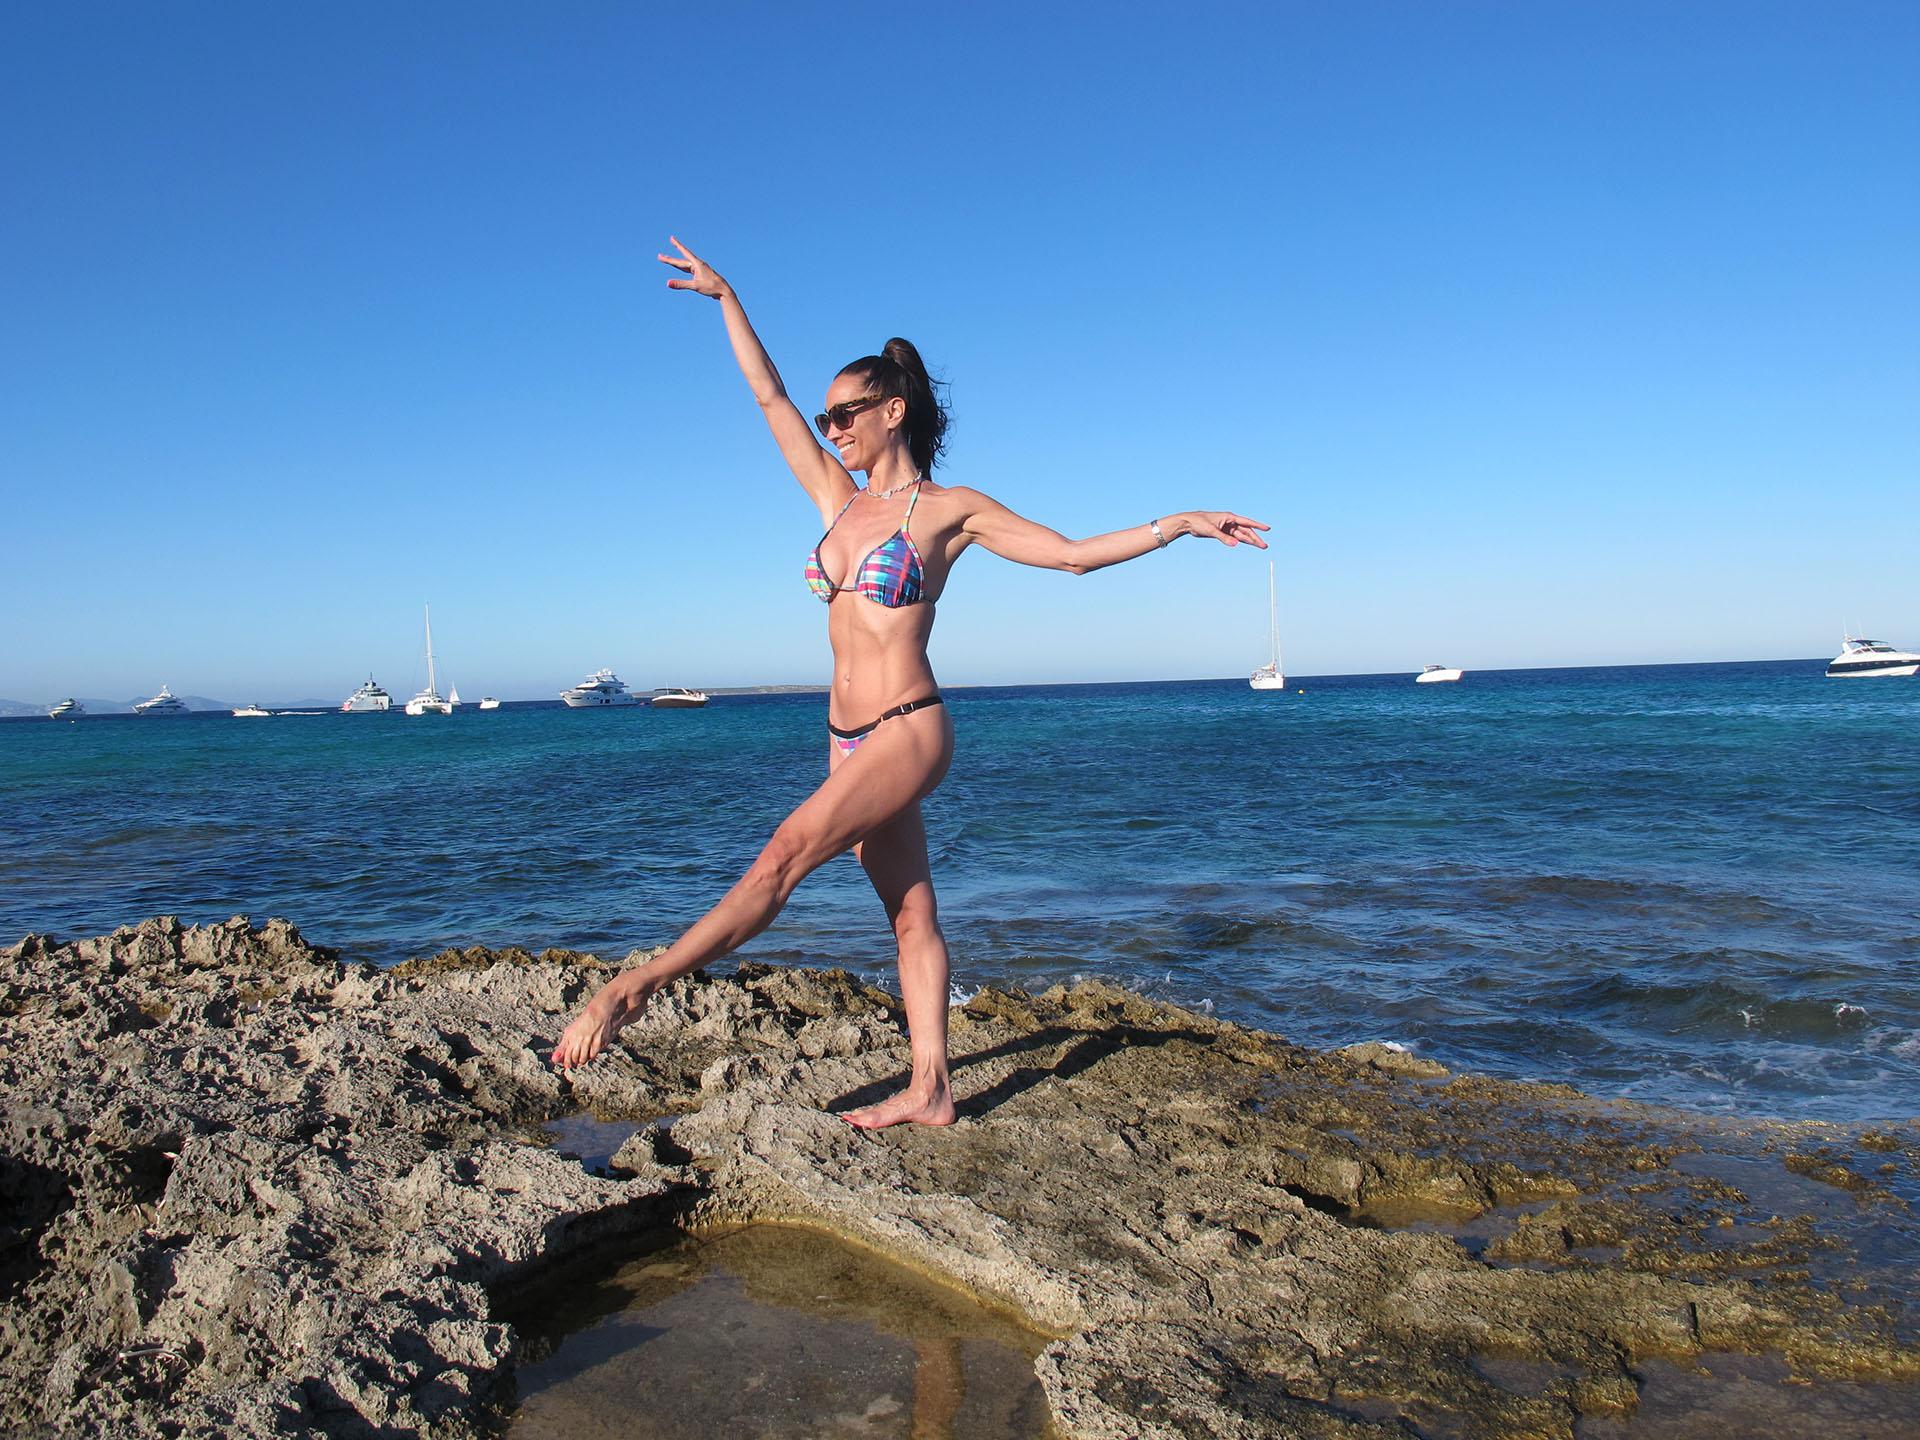 Godoy bailó en el mítico Odeón de Herodes Ático situado en la Acrópolis griega